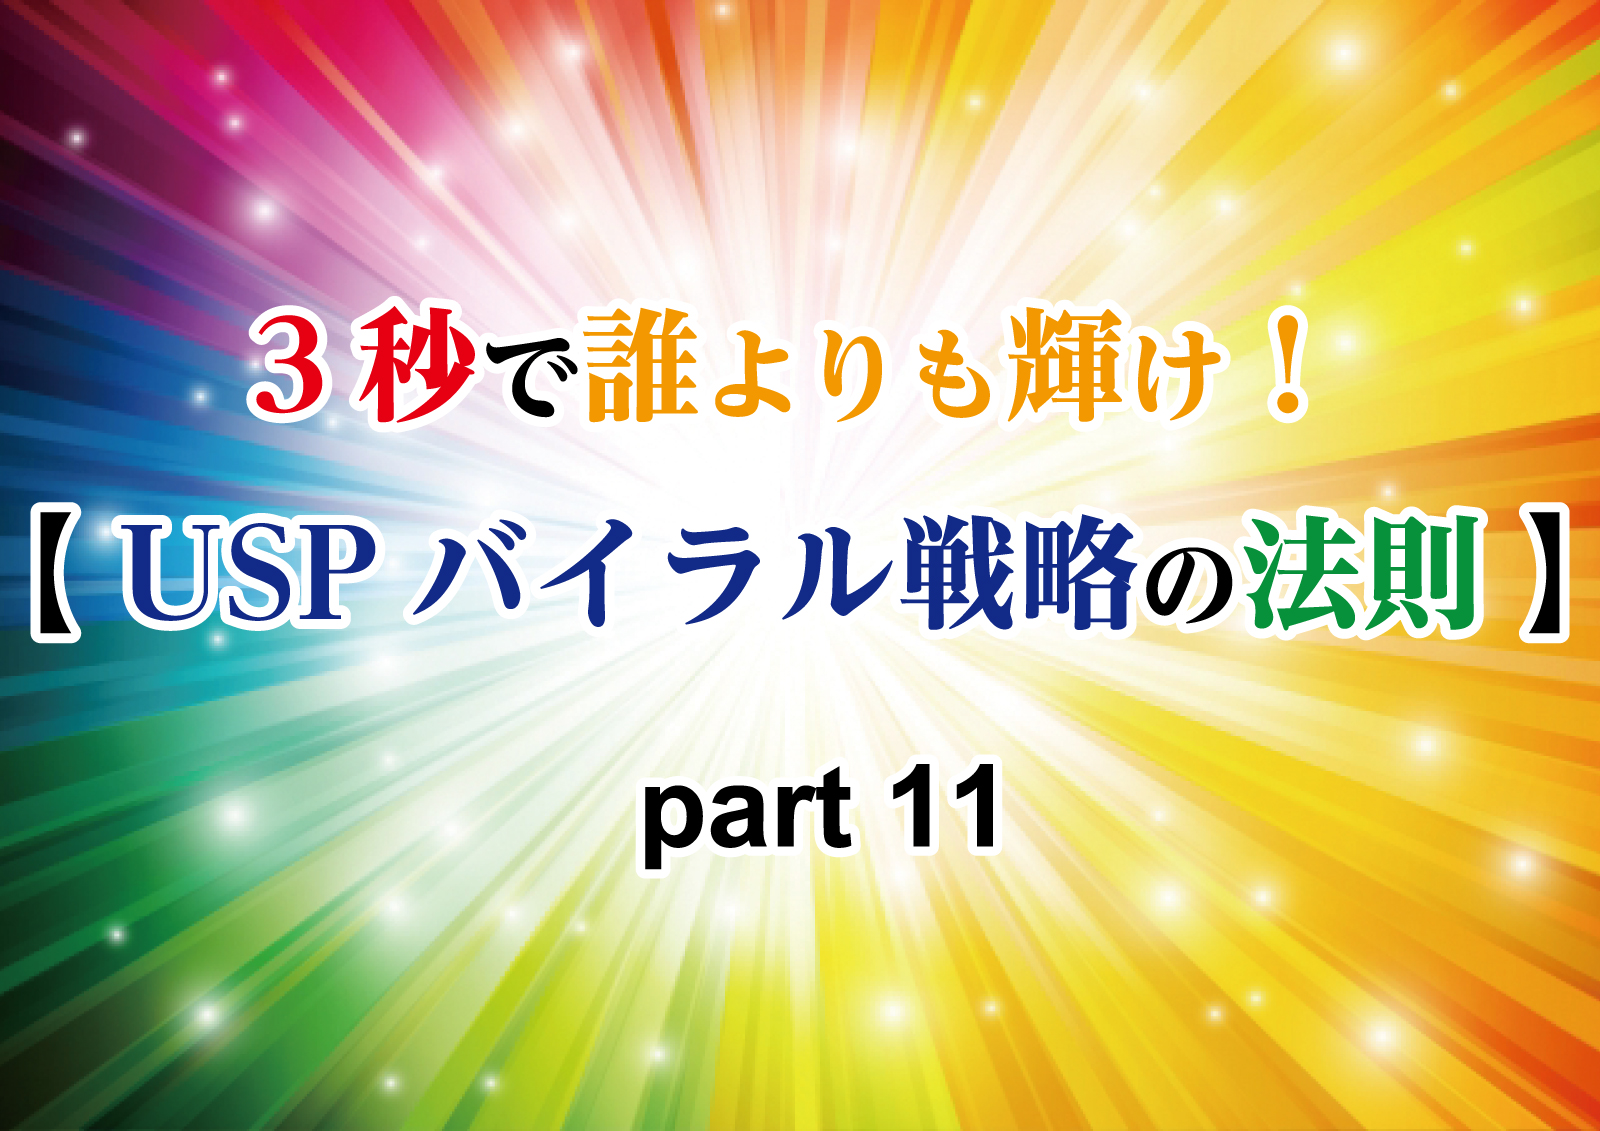 【USPバイラル戦略の法則】 part11 圧倒的な露出不足!!のサムネイル